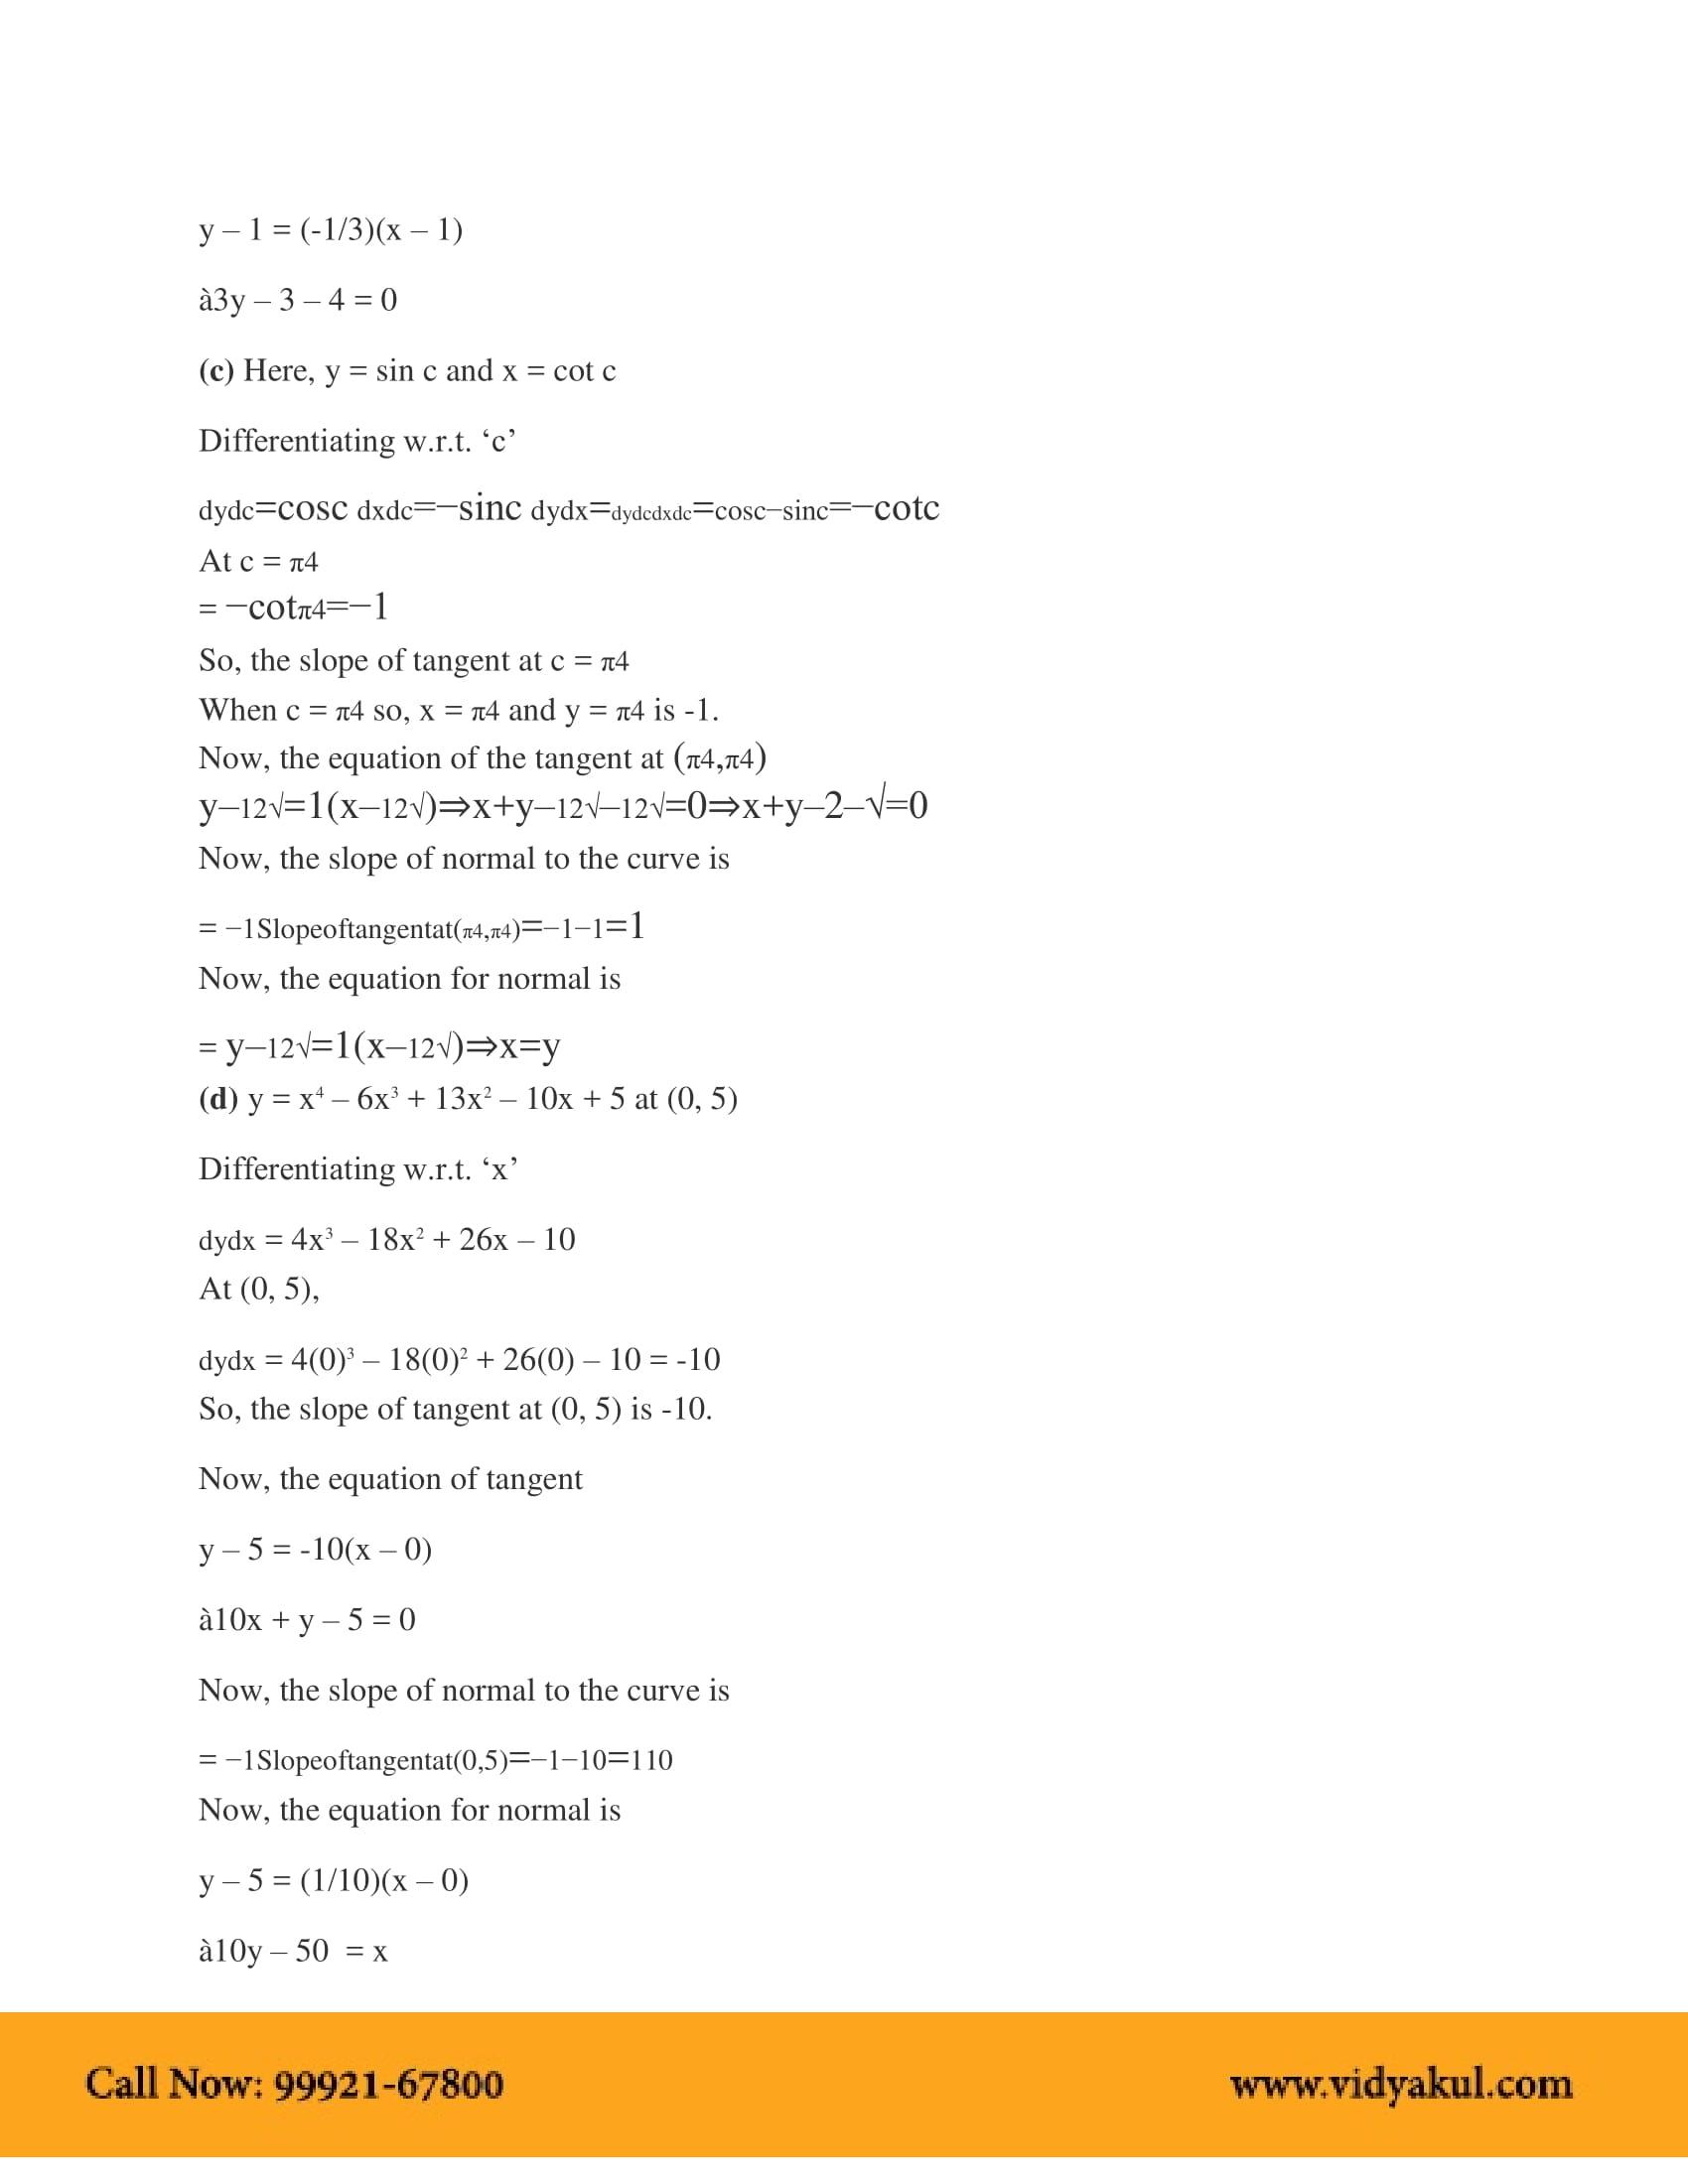 NCERT Solutions for Class 12 Maths Chapter 6 | Vidyakul